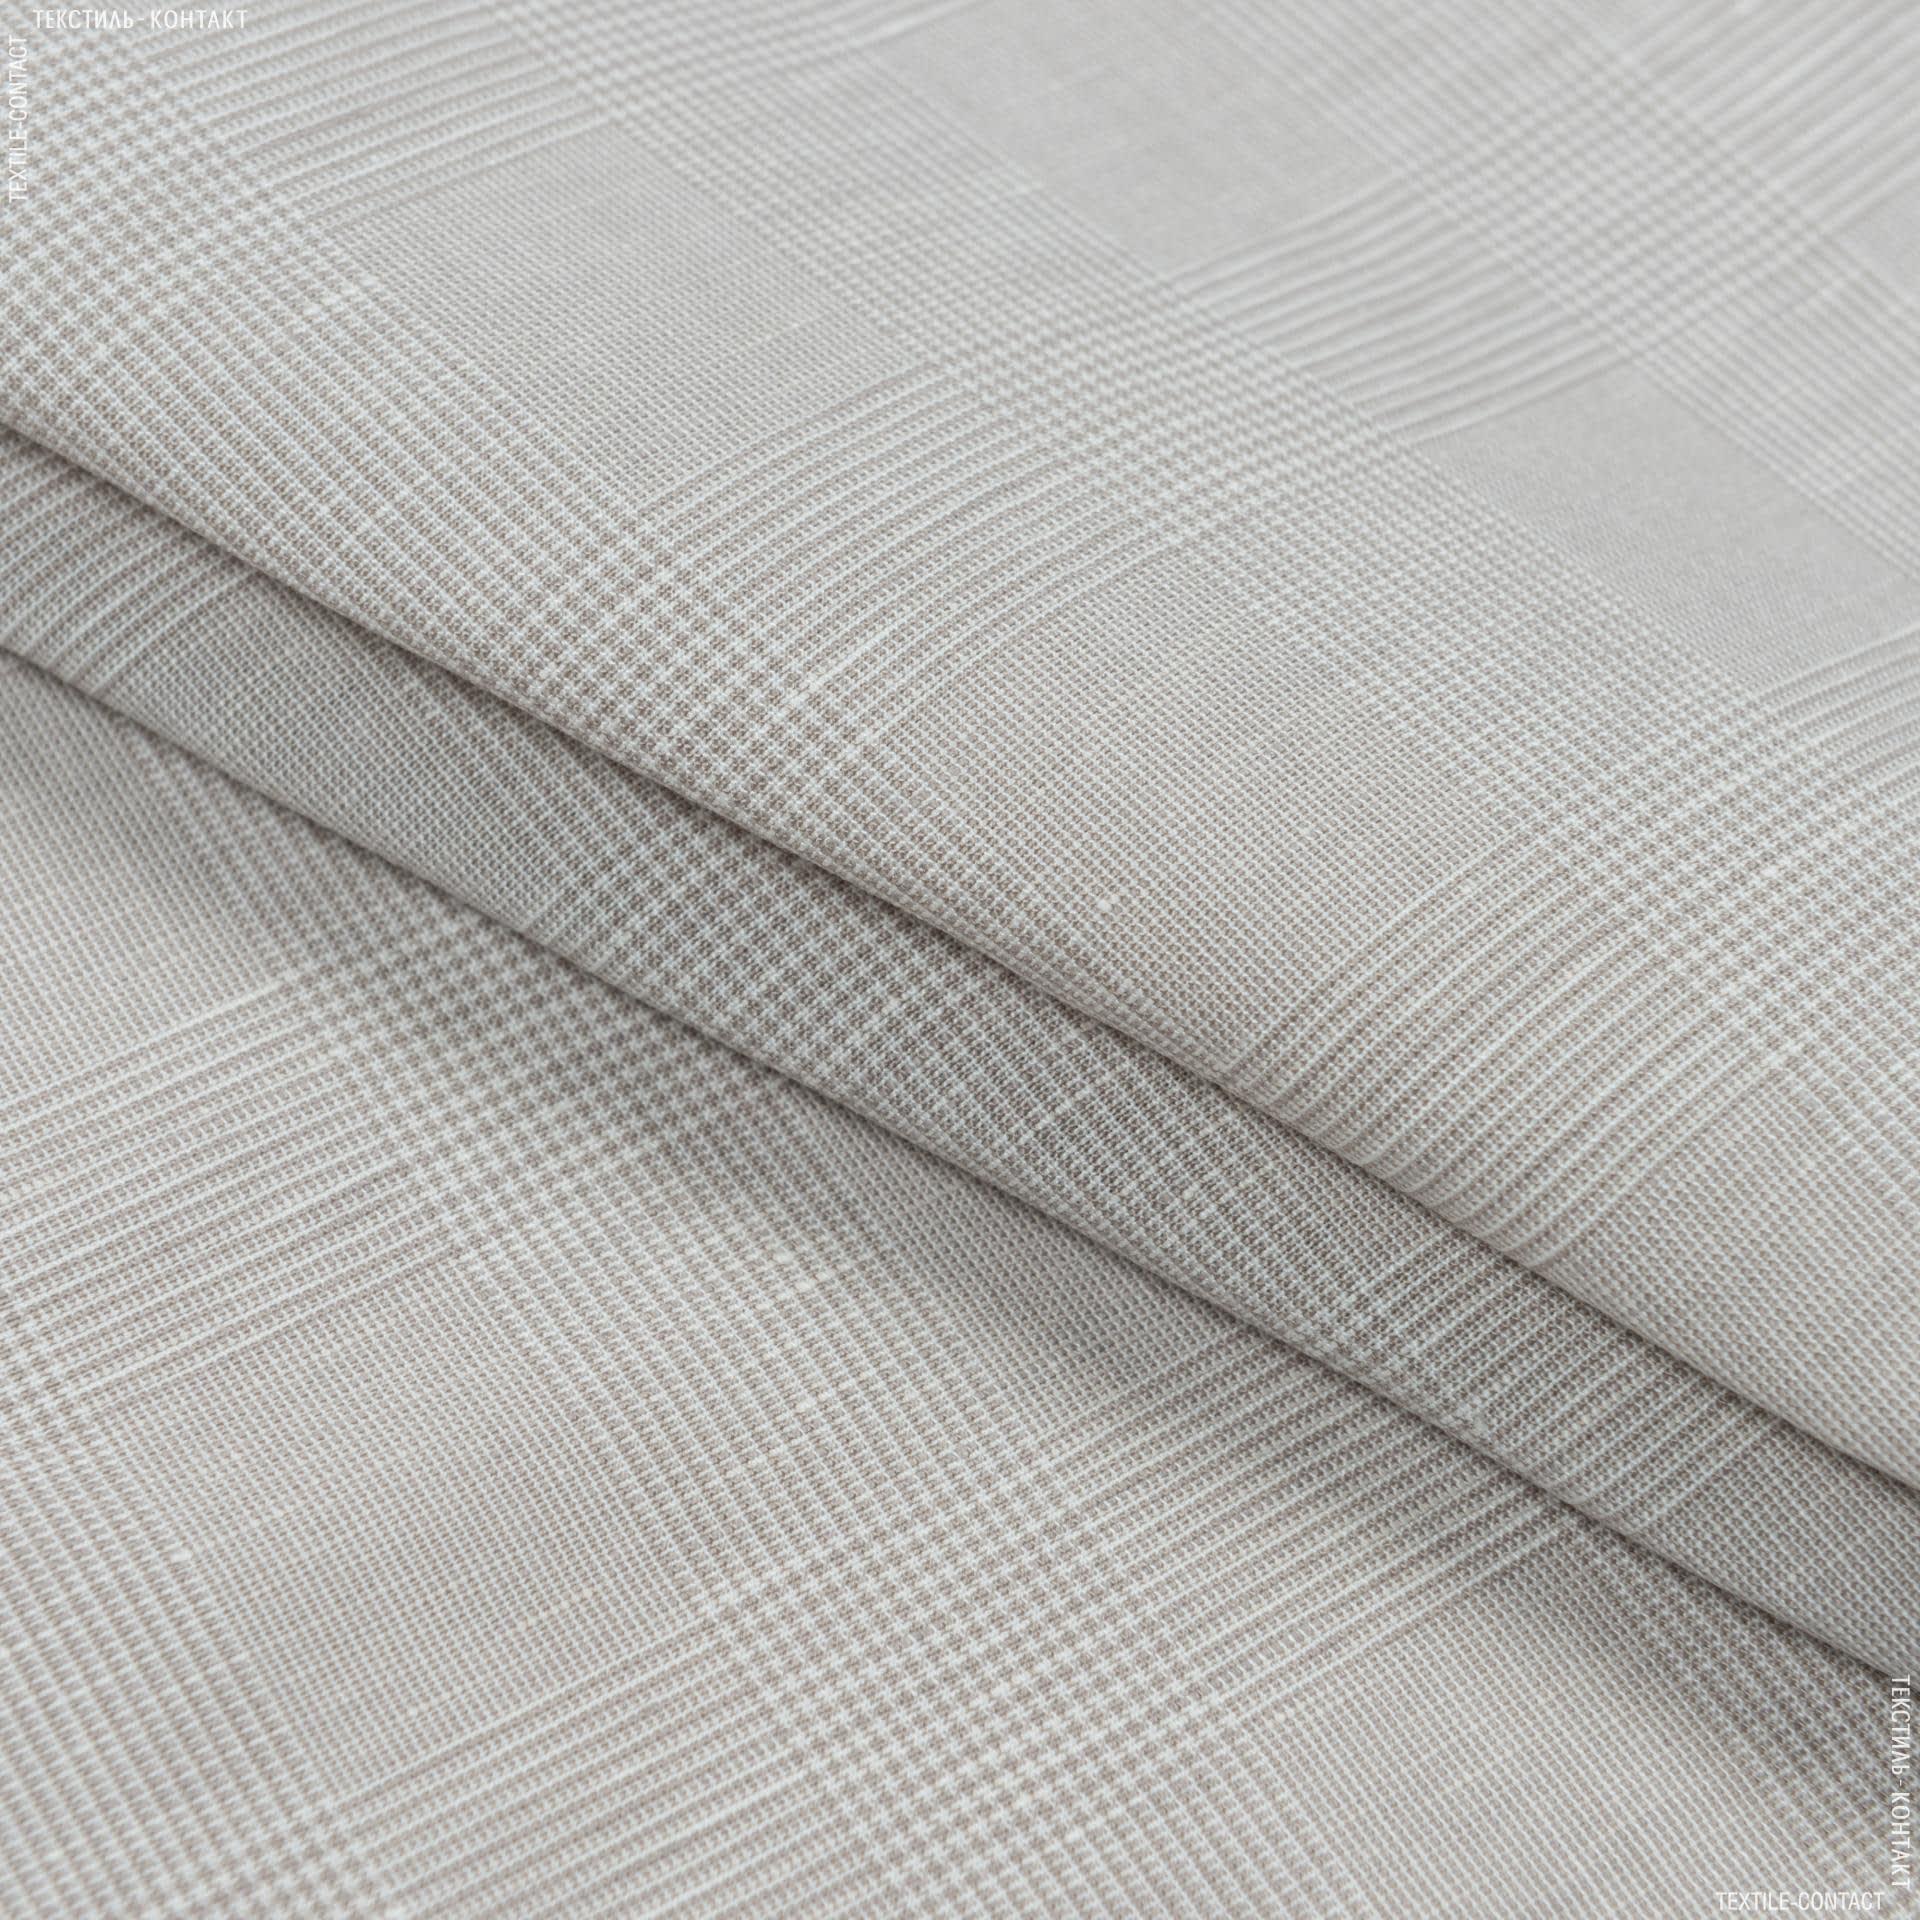 Тканини для хусток та бандан - Котон-льон світло-бежевий